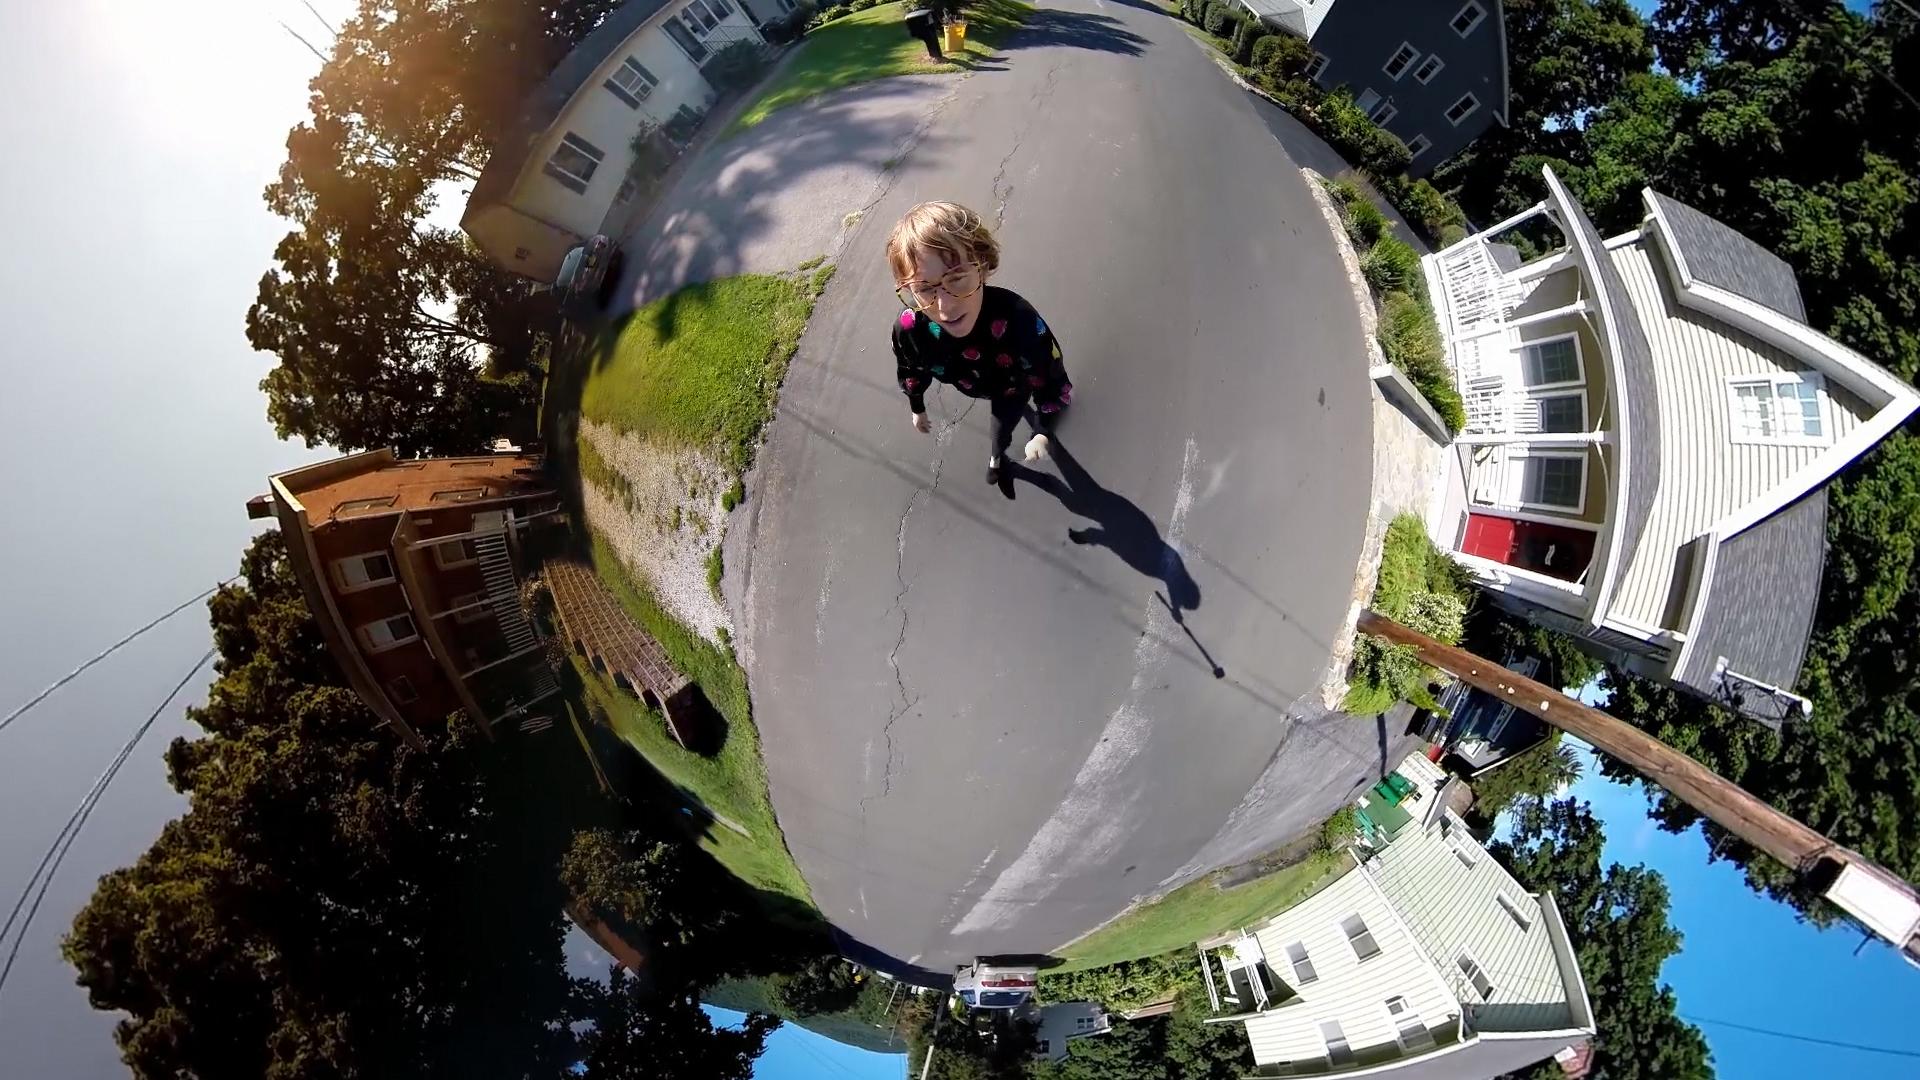 Filmte sich selbst aus mehreren Perspektiven: «Air on the Go» von Kristin Lucas.